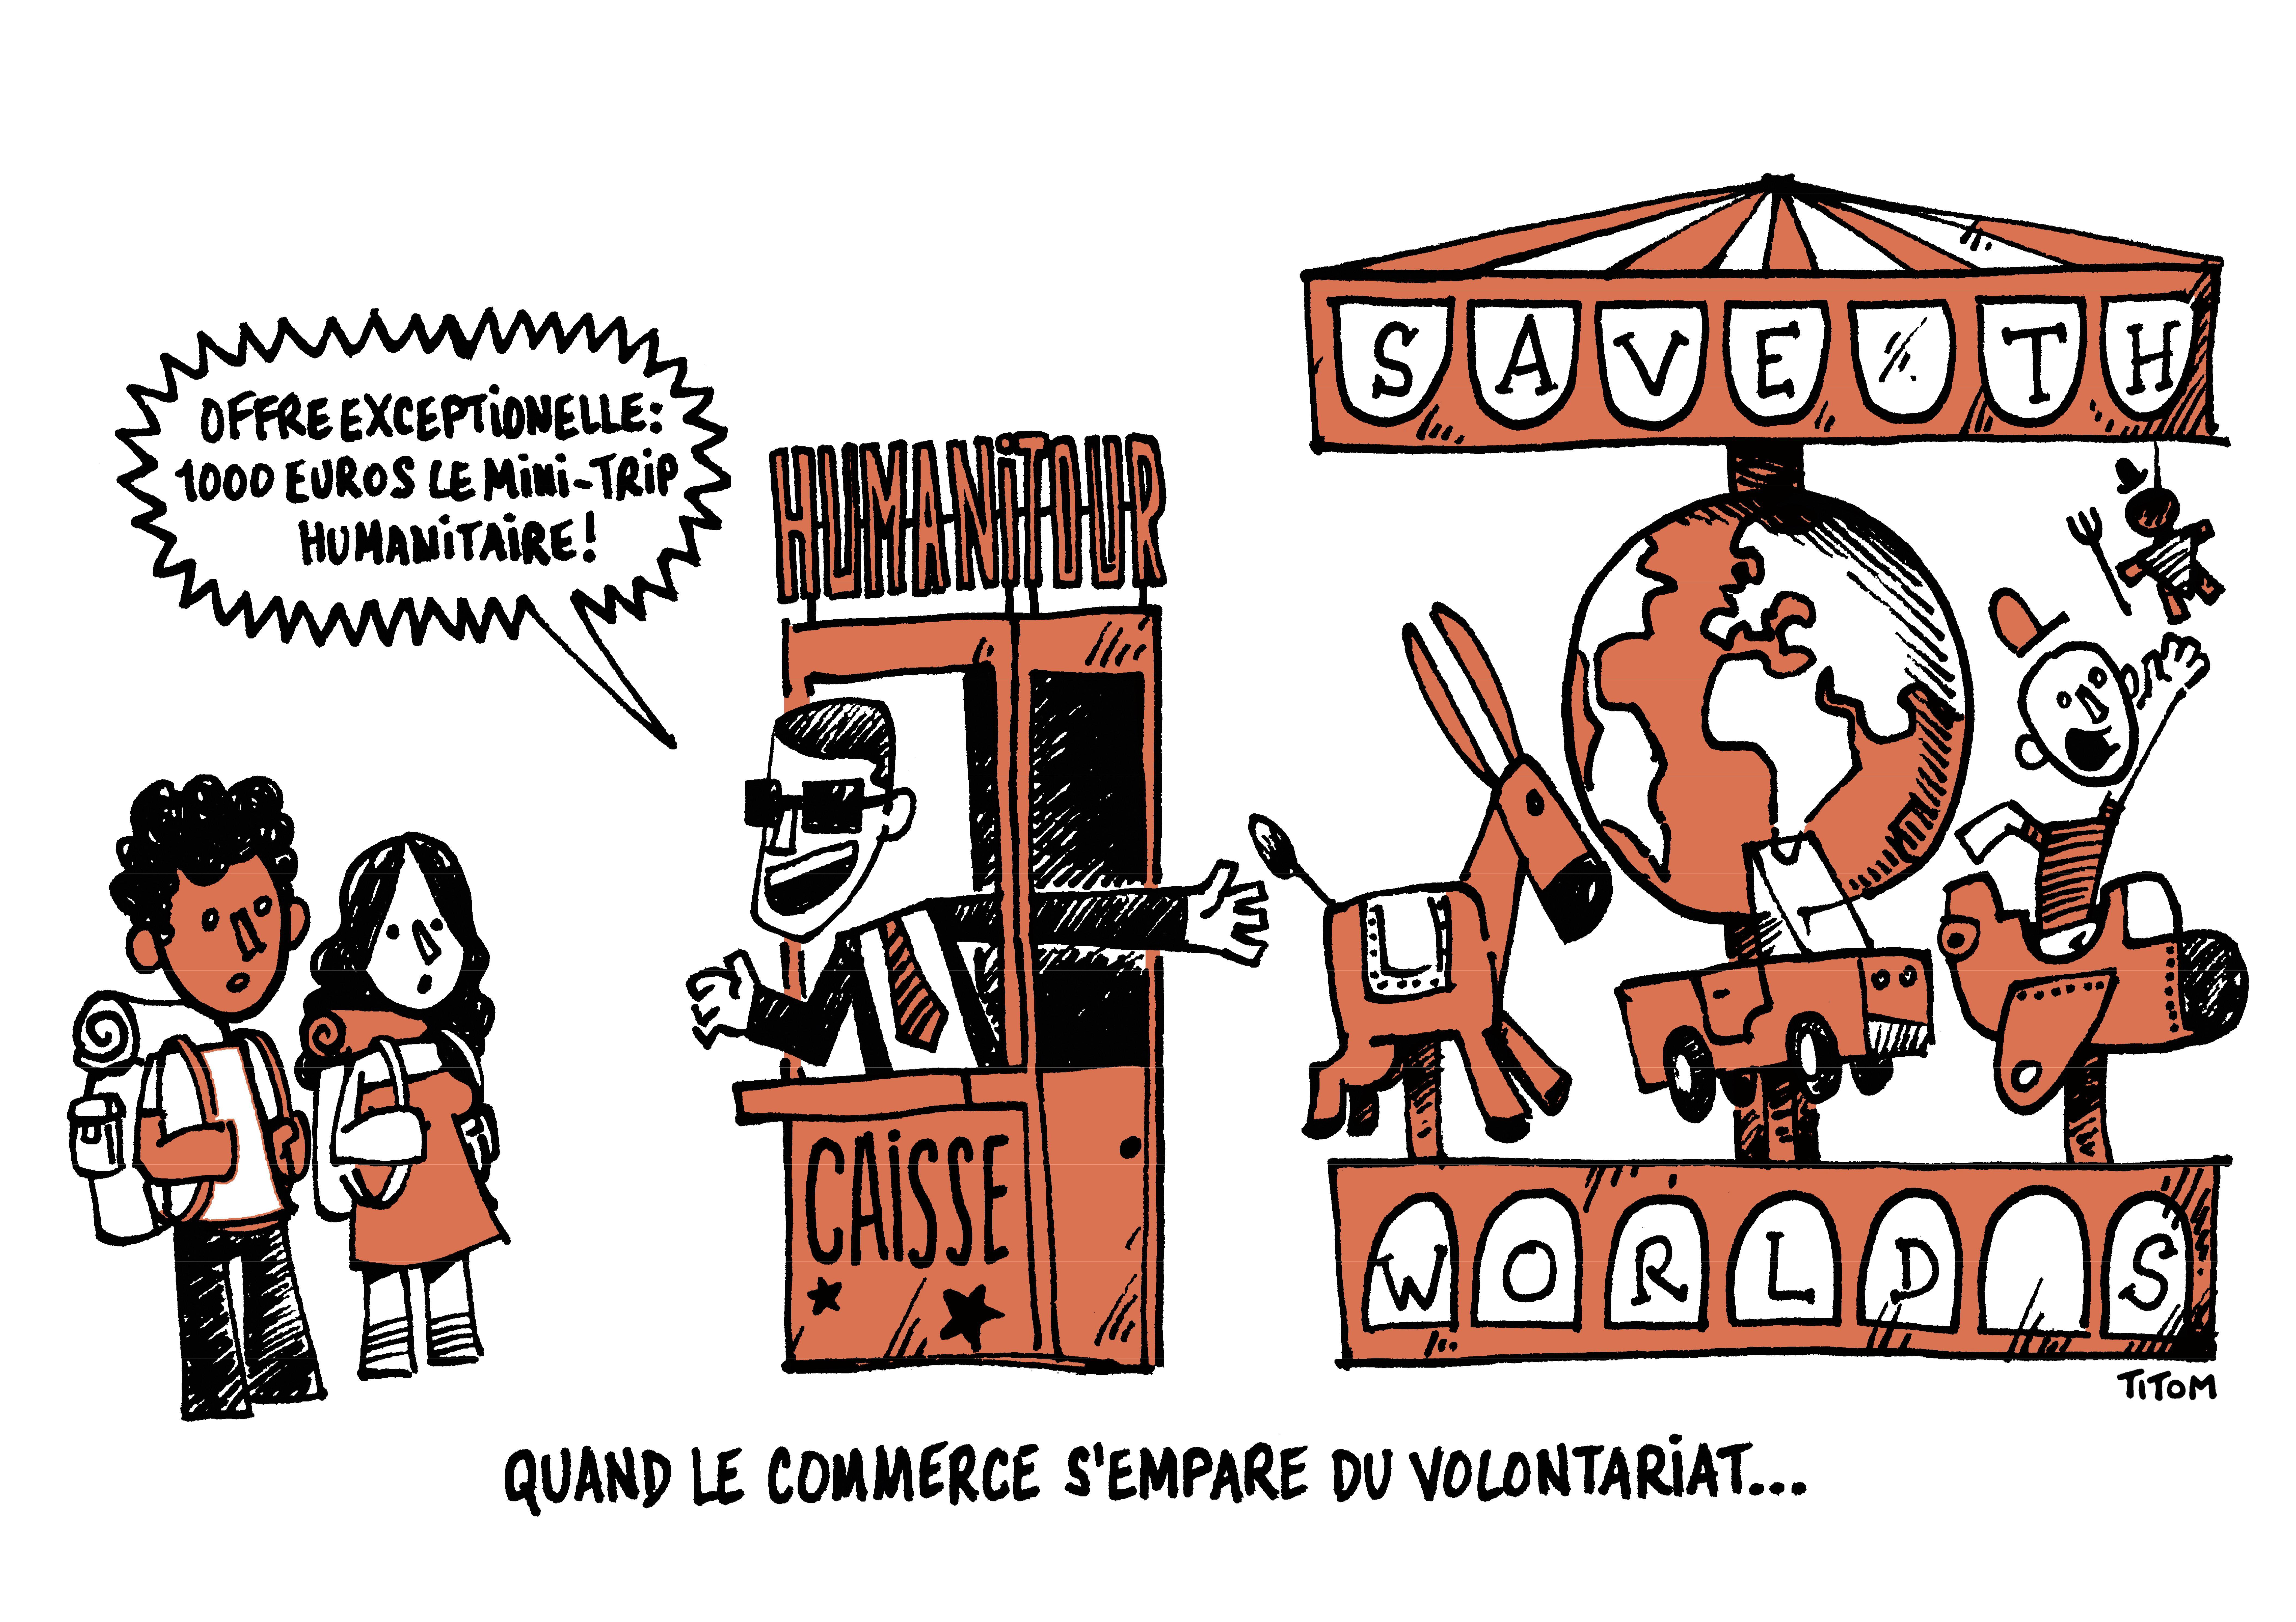 Titom - Quand le commerce s'empare du volontariat - Offre exceptionnelle : 1000 euros ce mini-trip humanitaire !